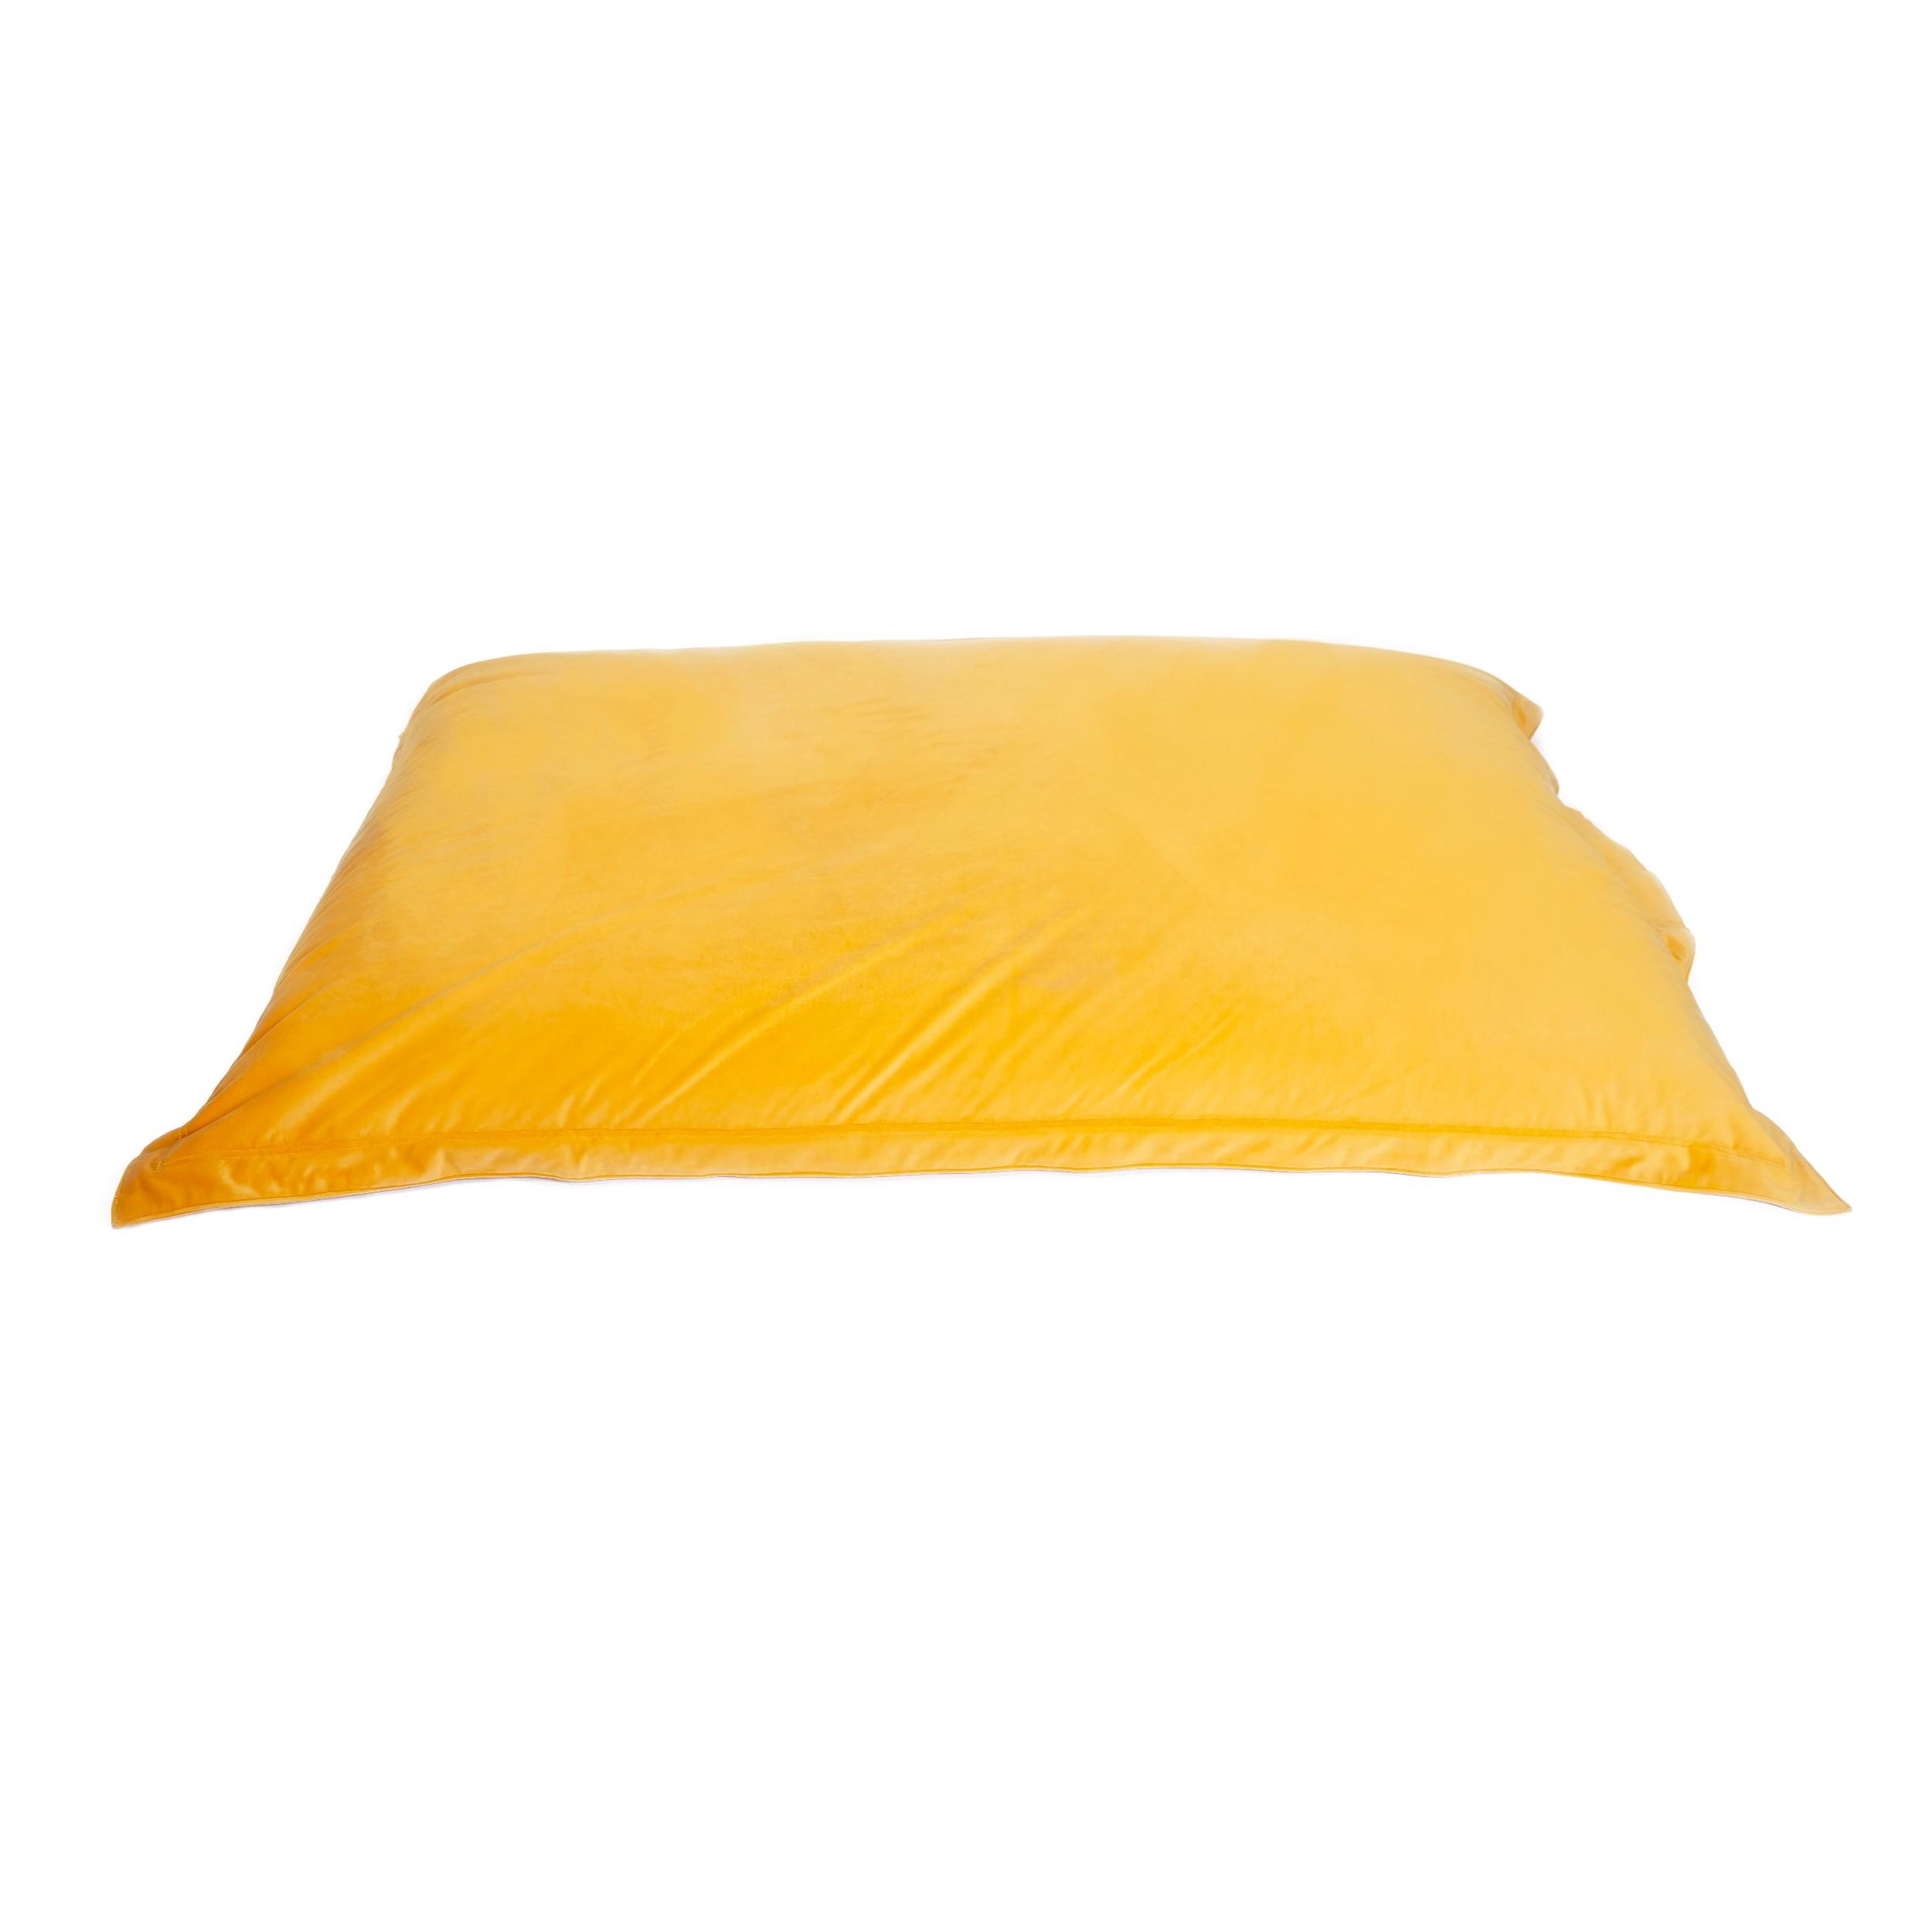 acheter coussin d interieur en velours jaune